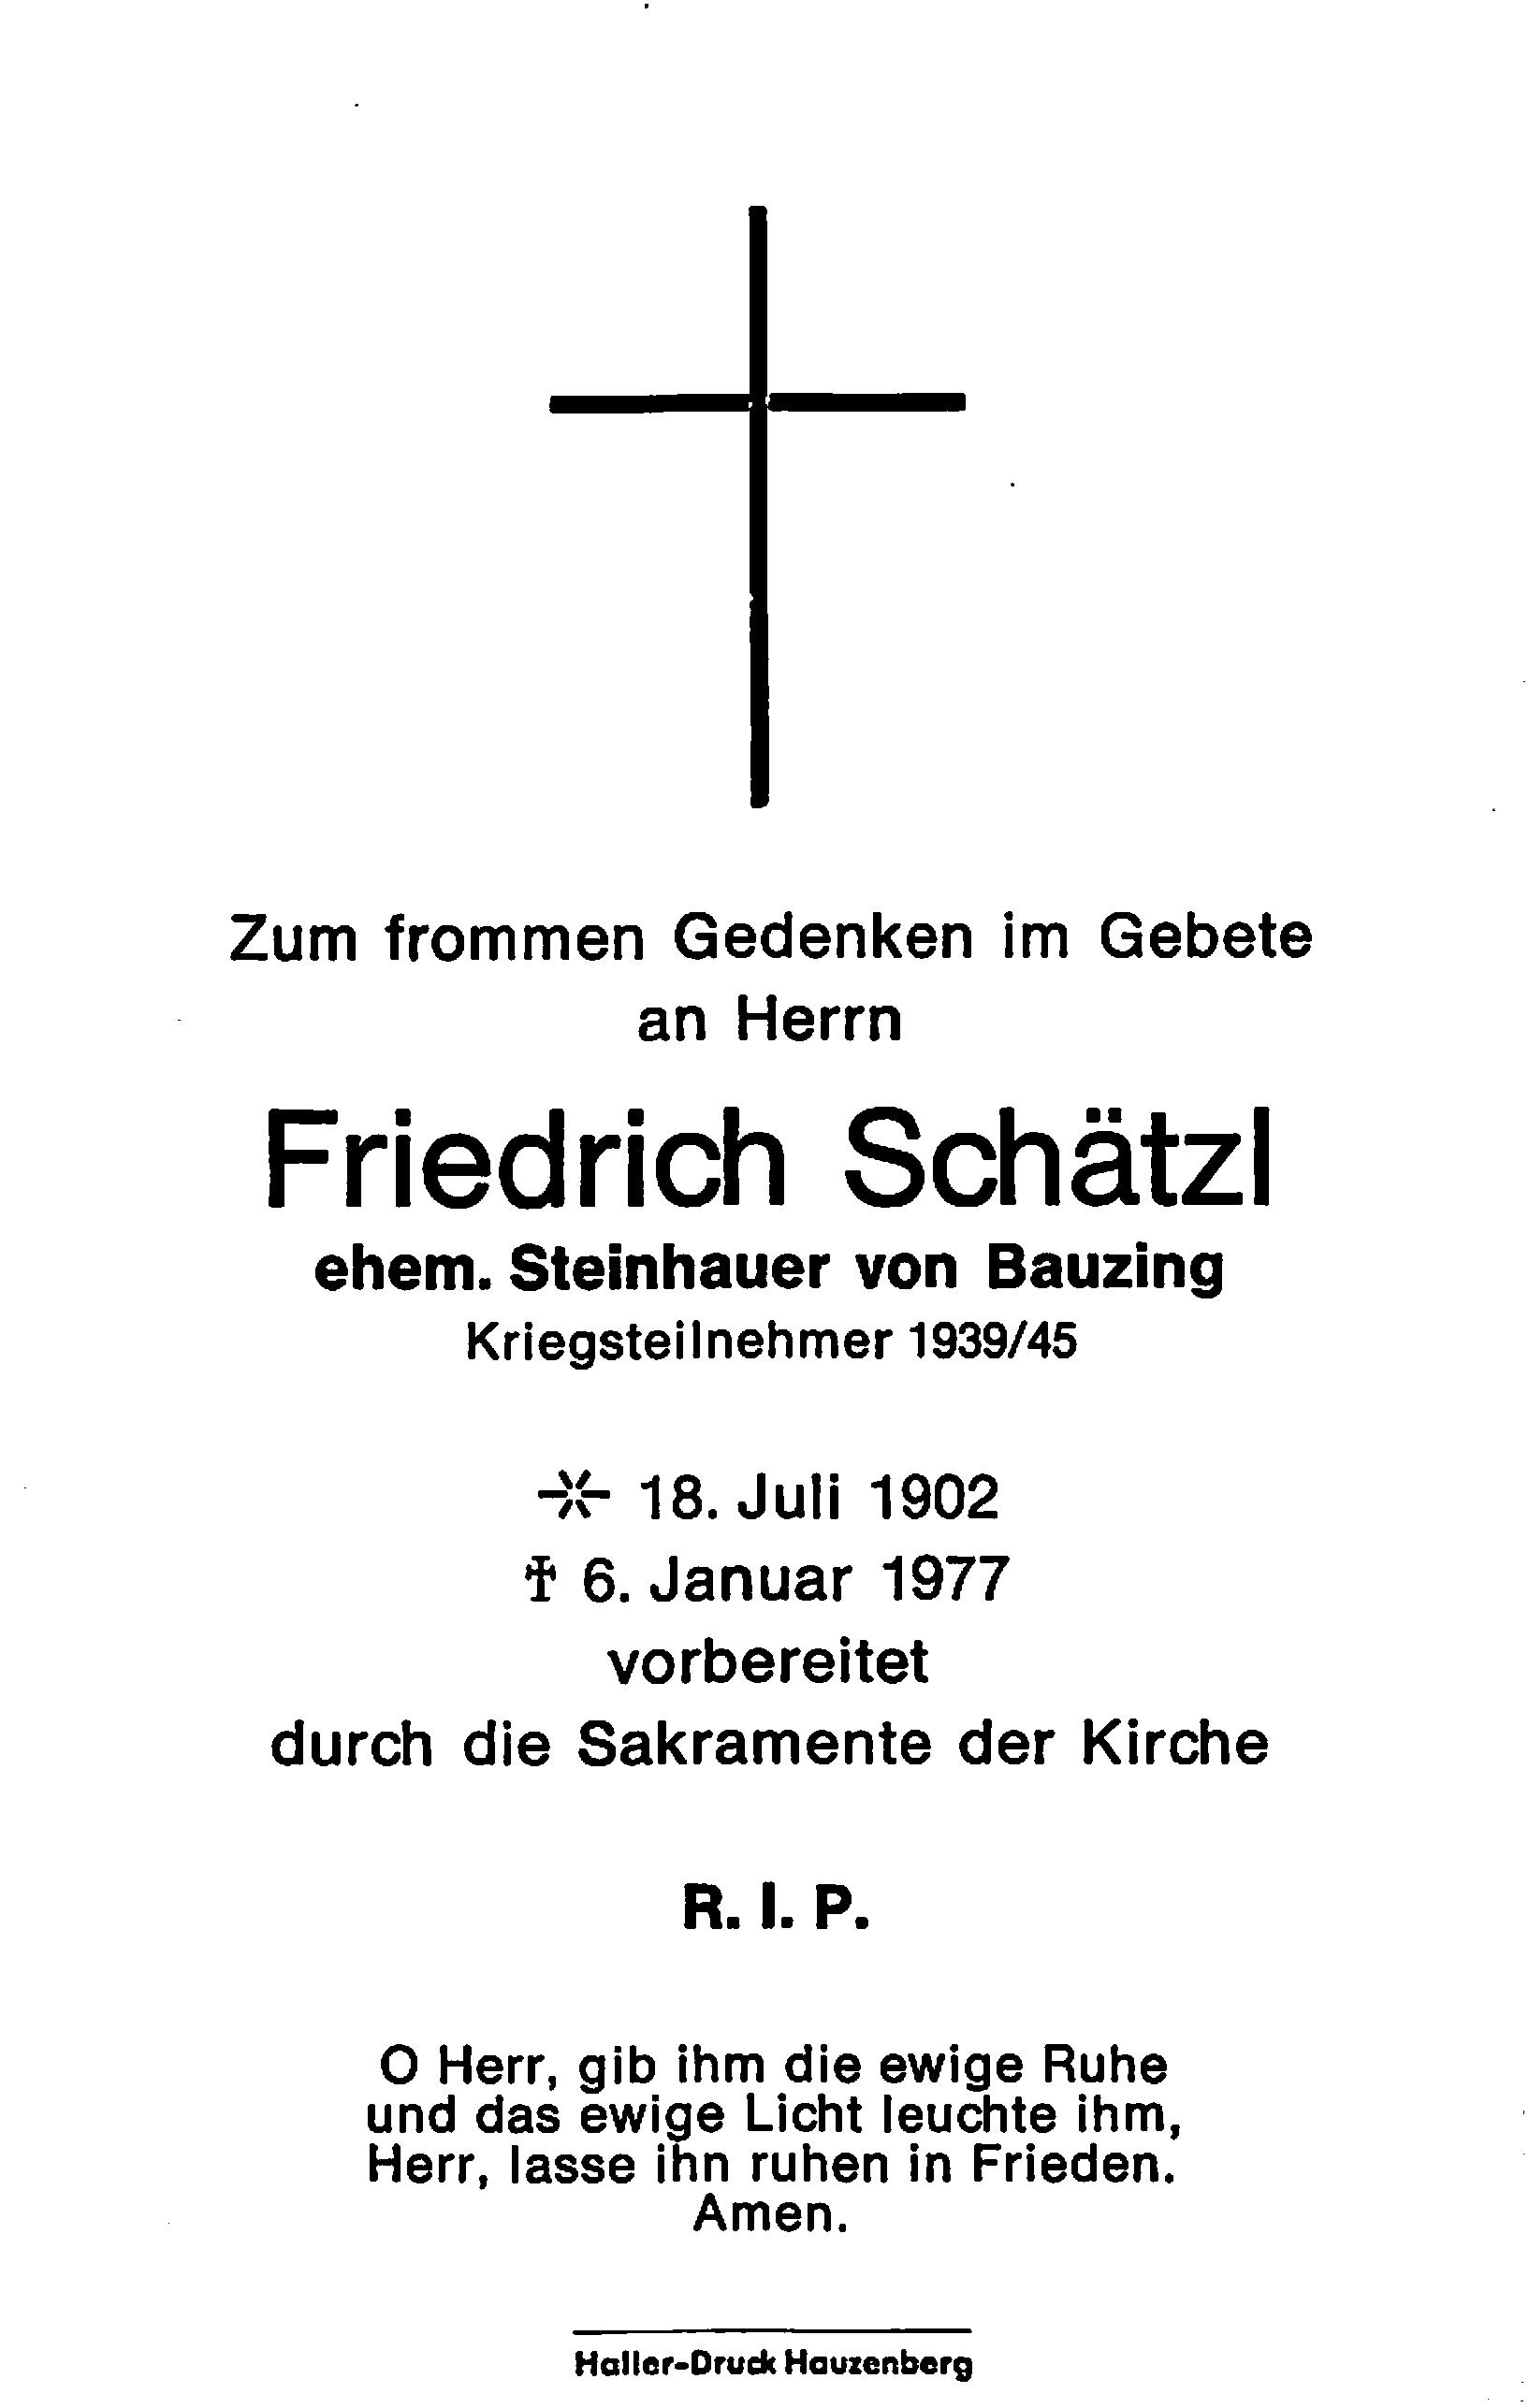 1977-01-06-Schätzl-Friedrich-Bauzing-ehem.-Steinhauer